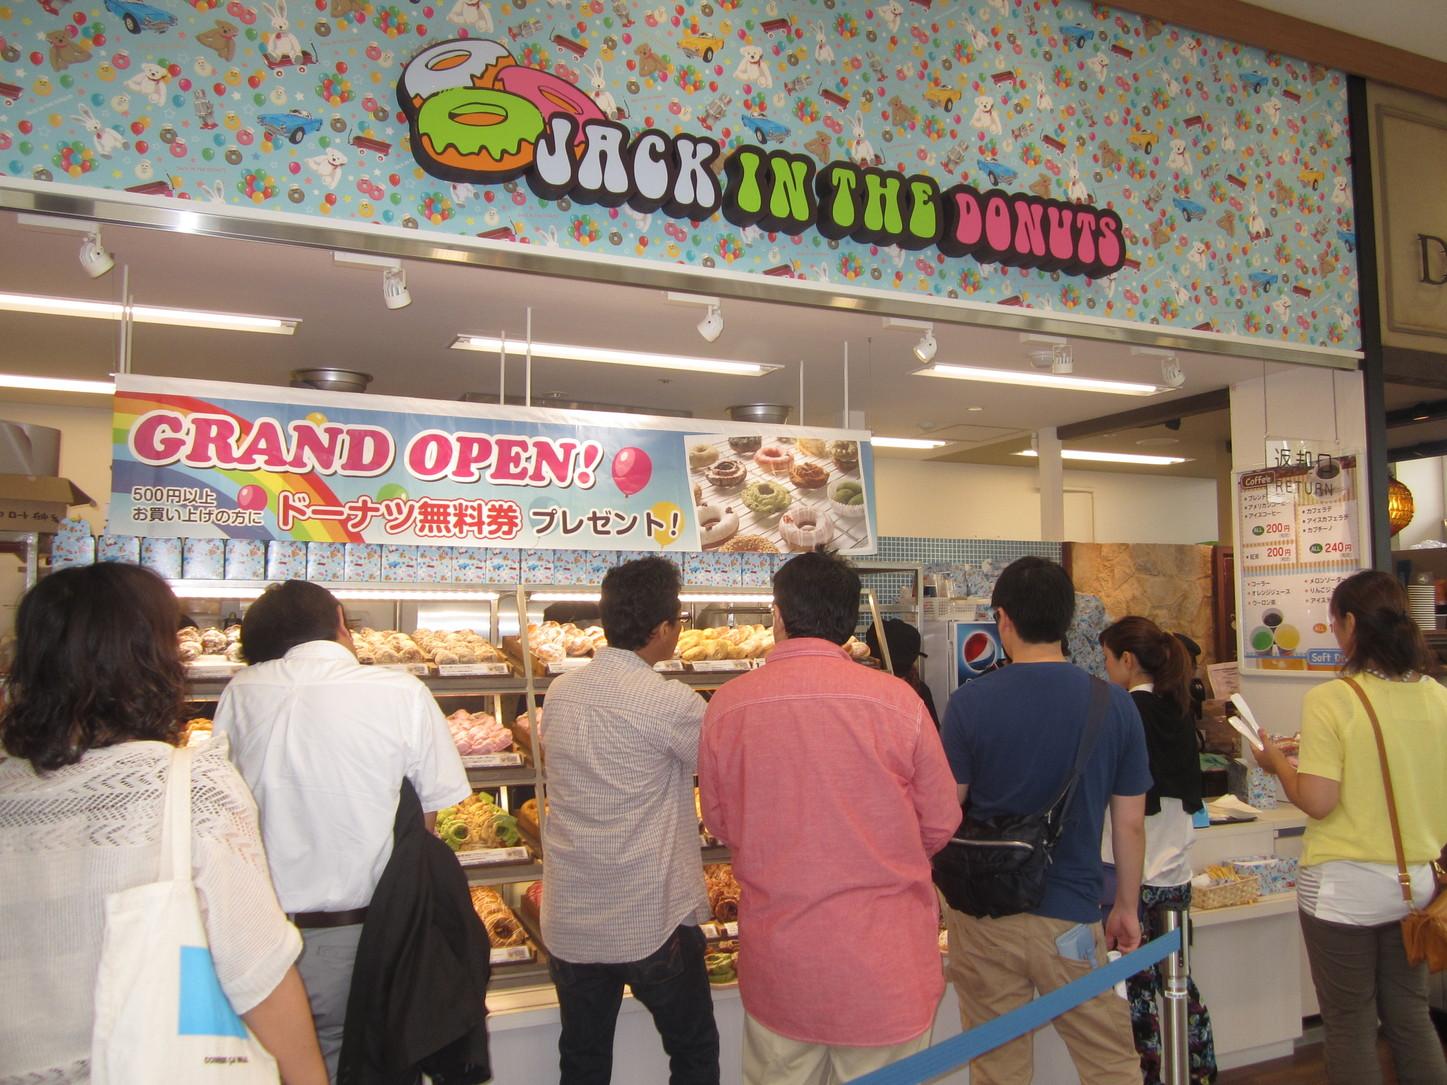 ジャック イン ザ ドーナツ イオンモール名古屋茶屋店